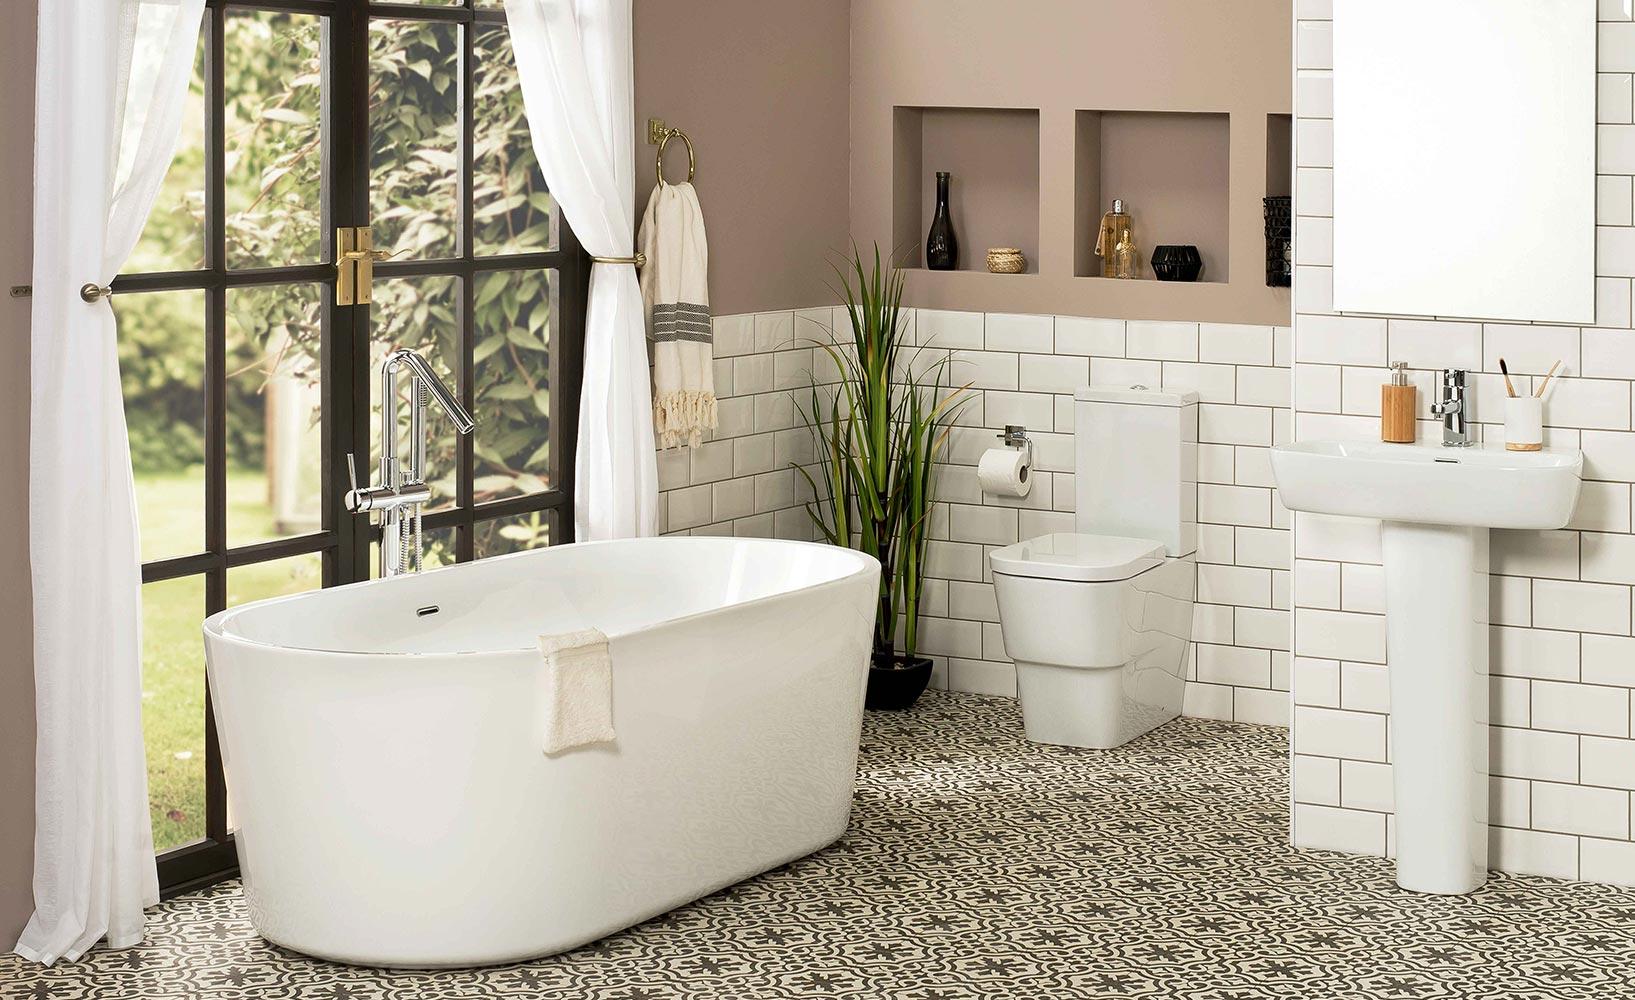 Badewanne freistehend Badezimmer